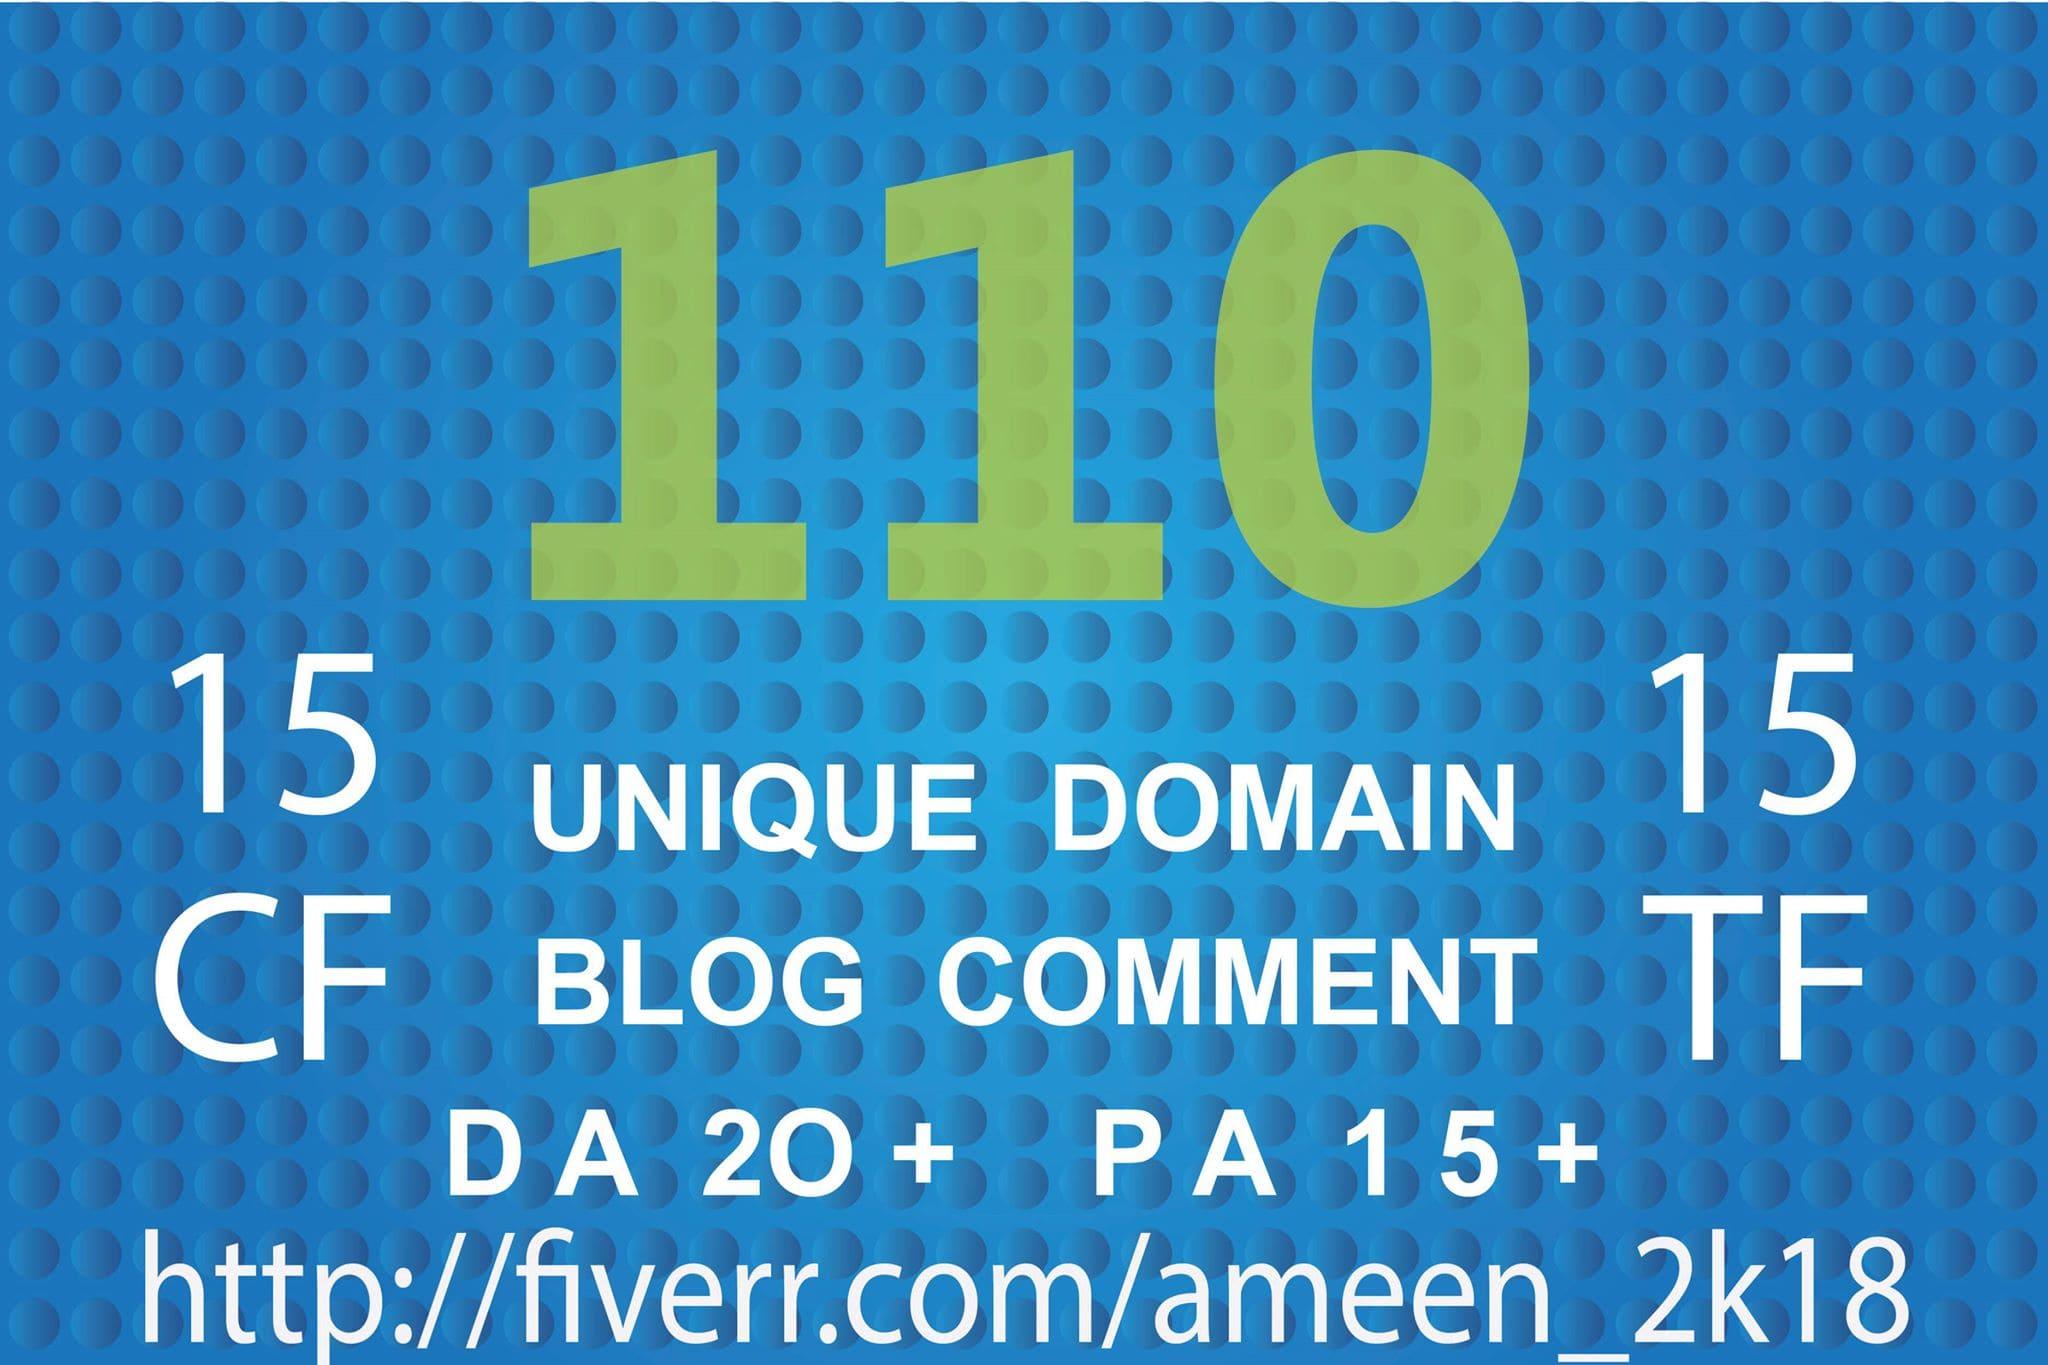 provide 110 unique domain seo dofollow backlinks